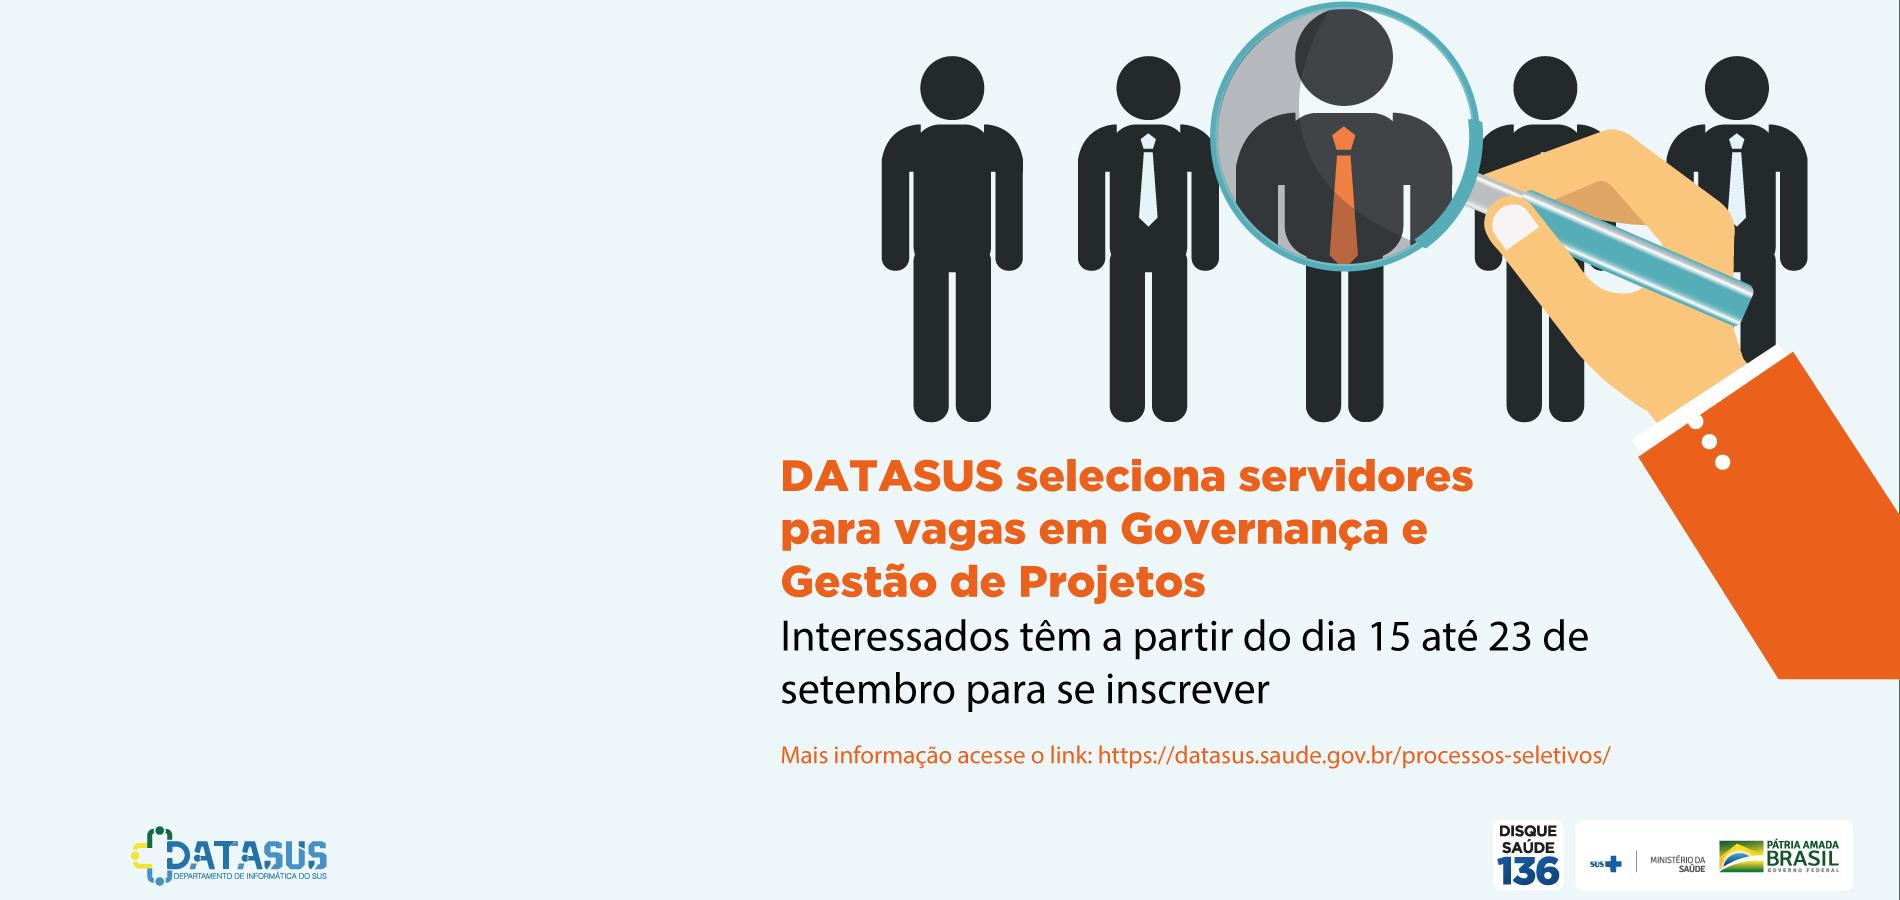 DATASUS seleciona servidores para vagas em Governança e Gestão de Projetos